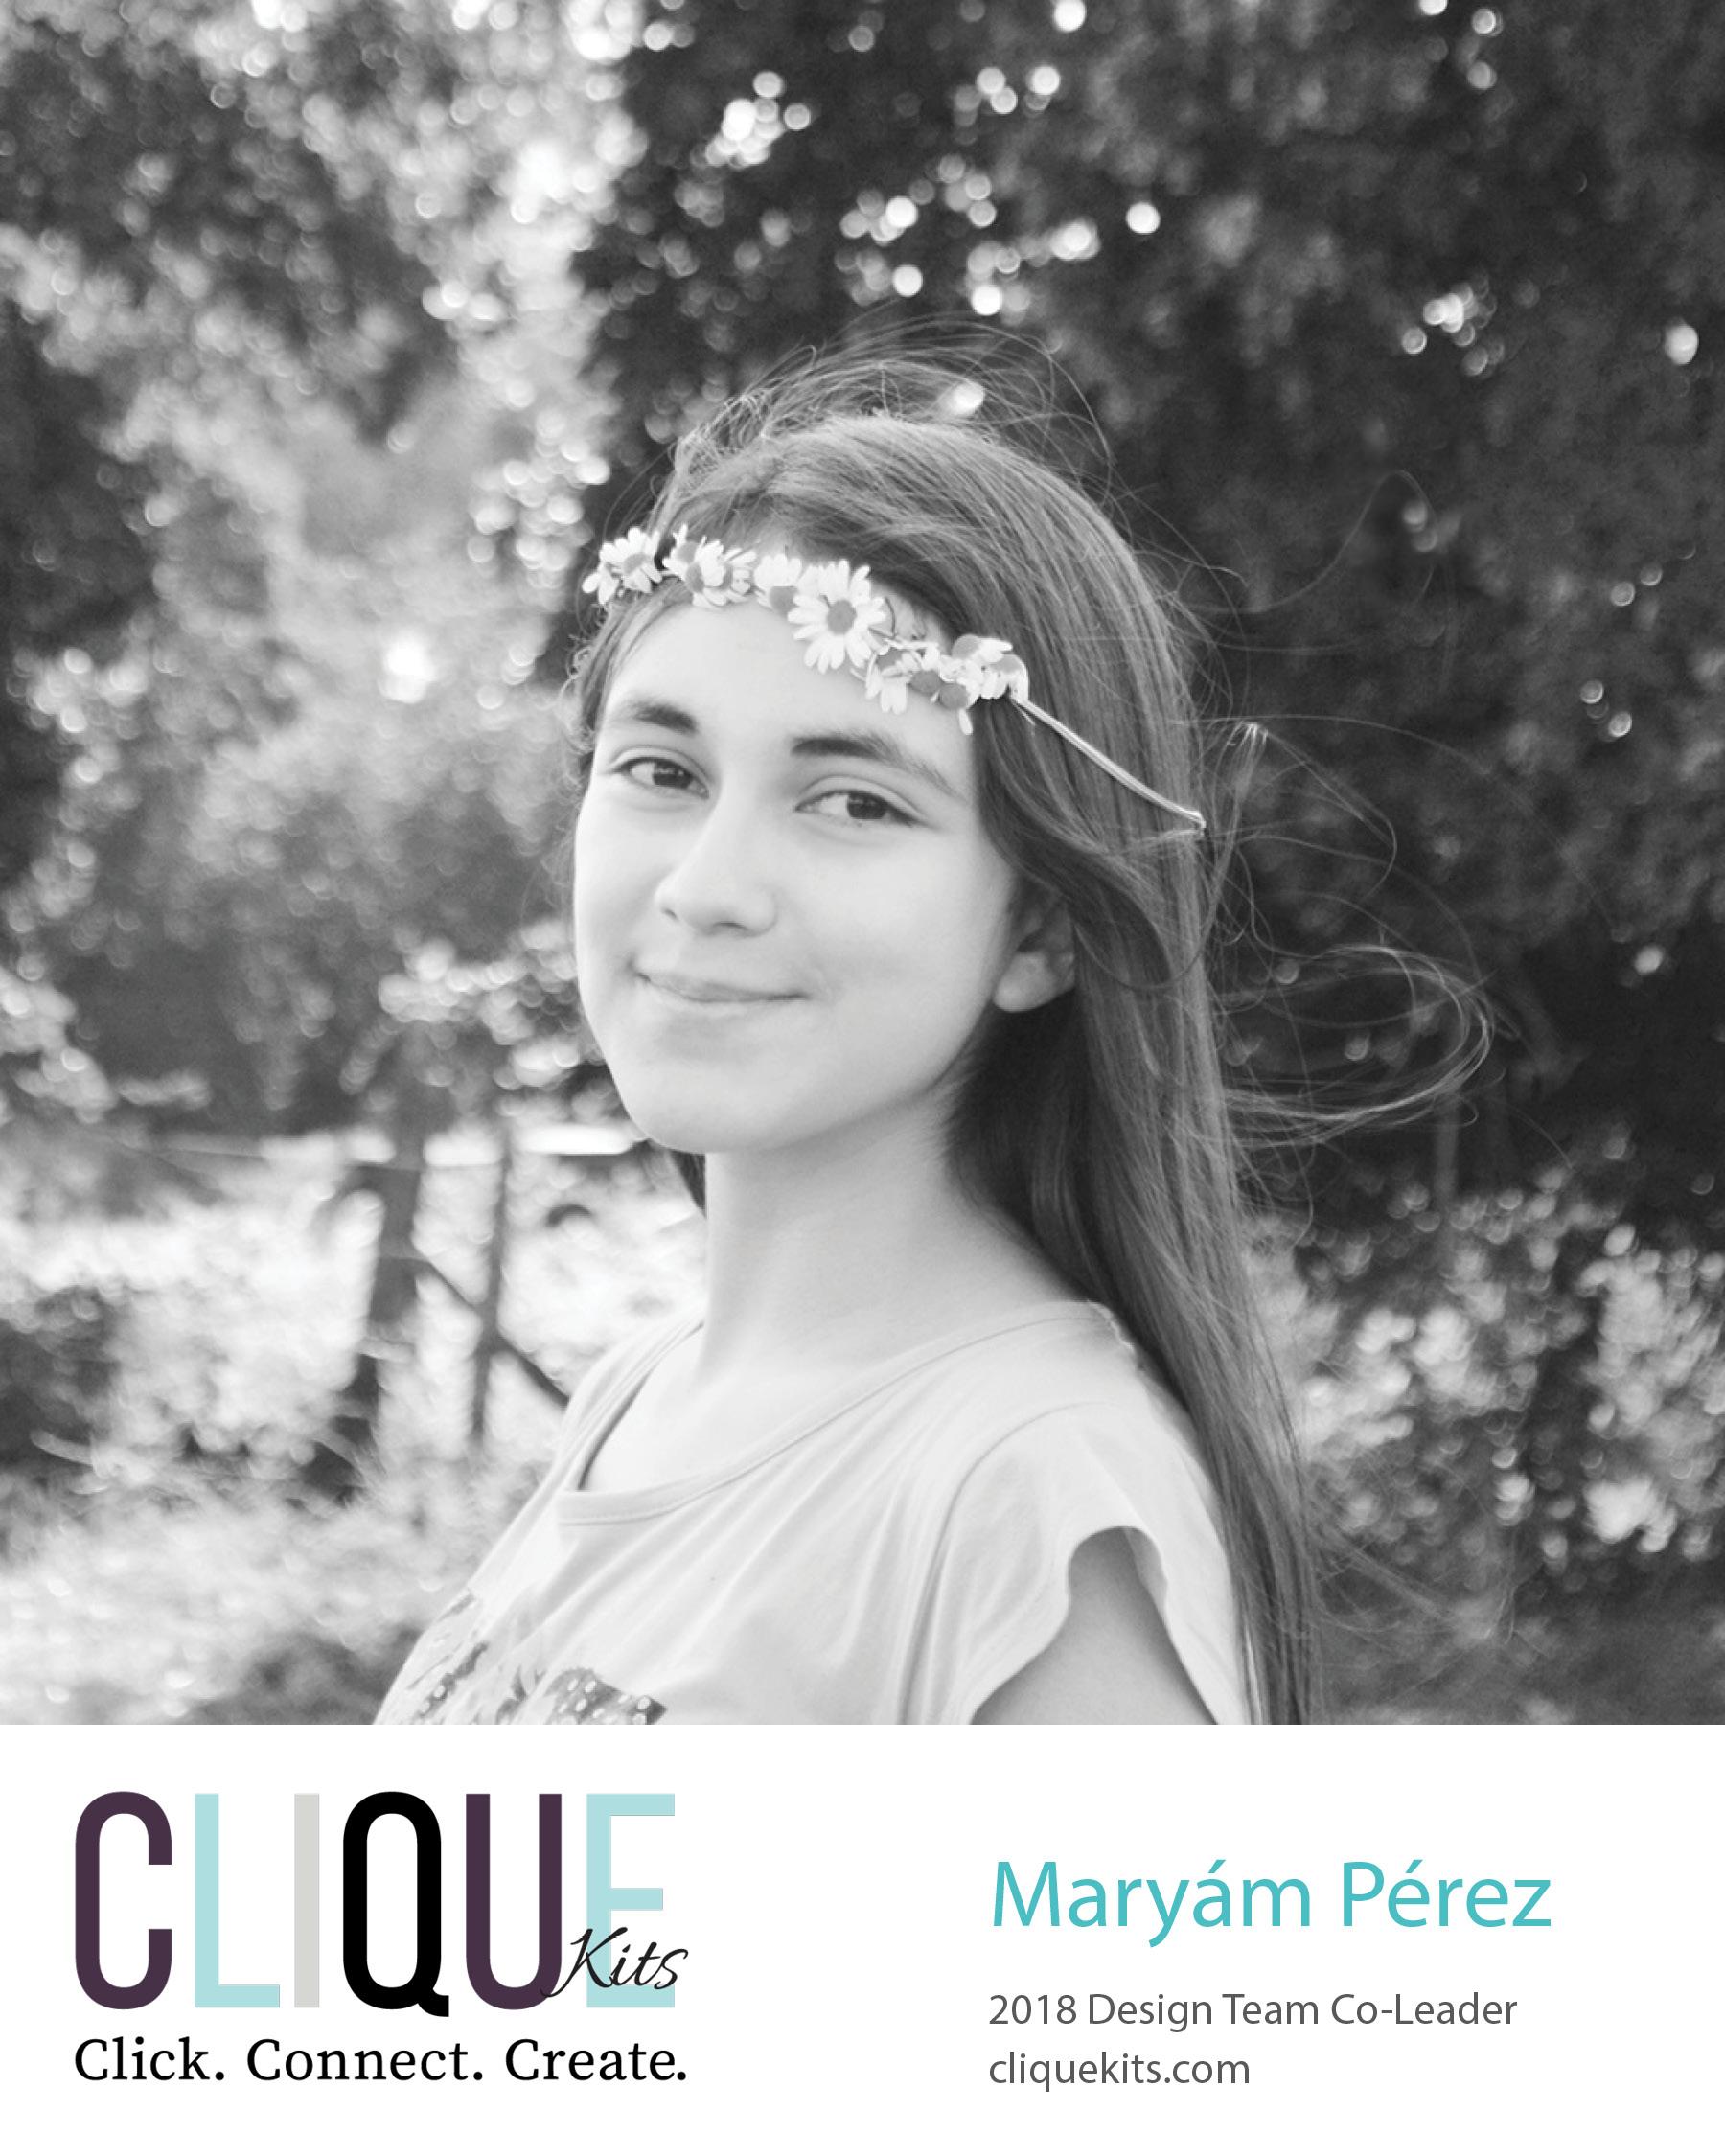 Clique Kits - Maryam Perez